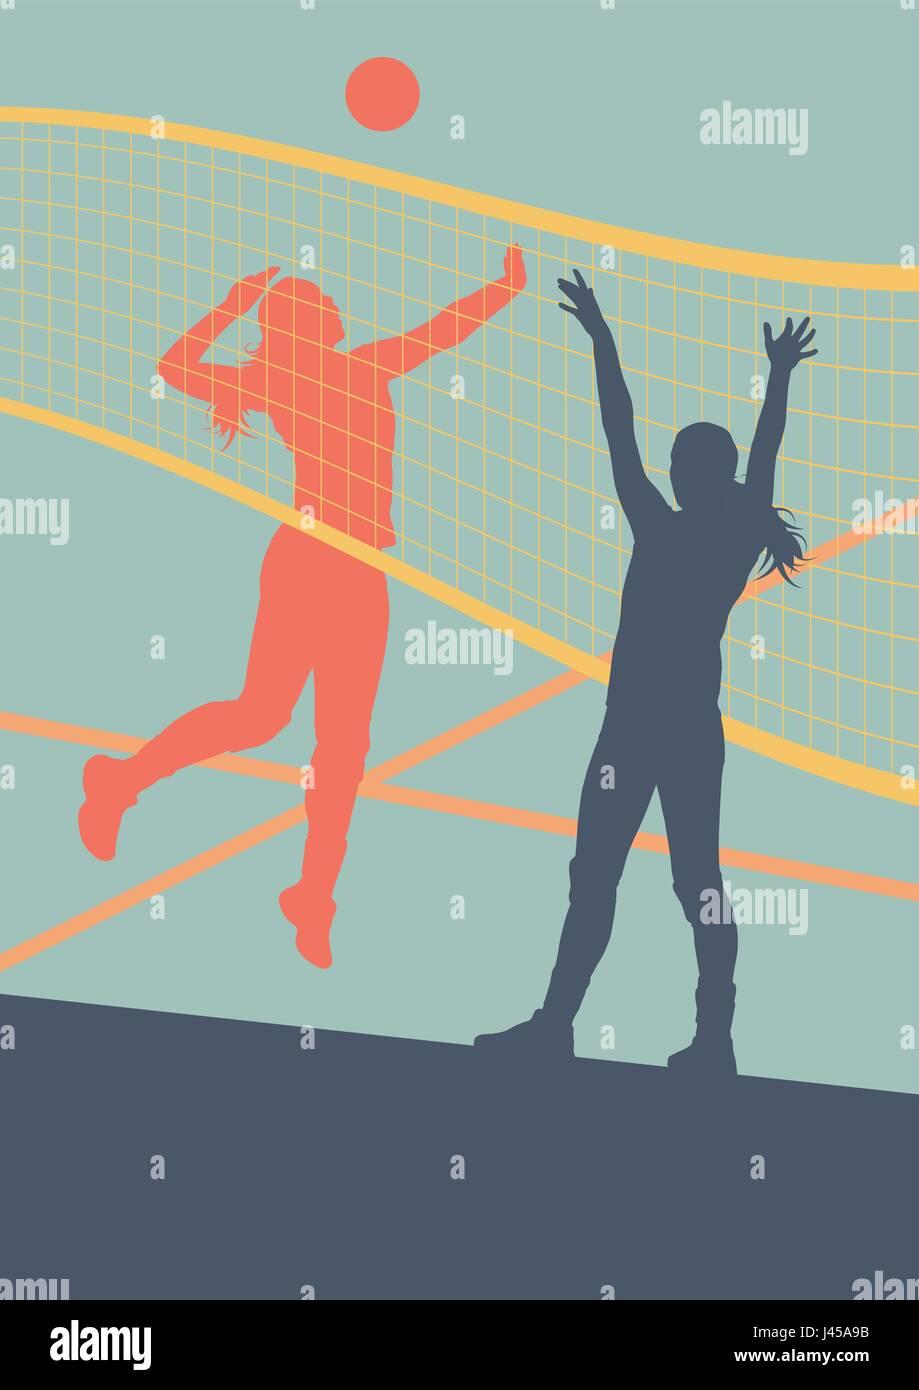 Mujer de voleibol jugador abstracto antecedentes vectoriales con net Imagen  De Stock daff4f7323e26